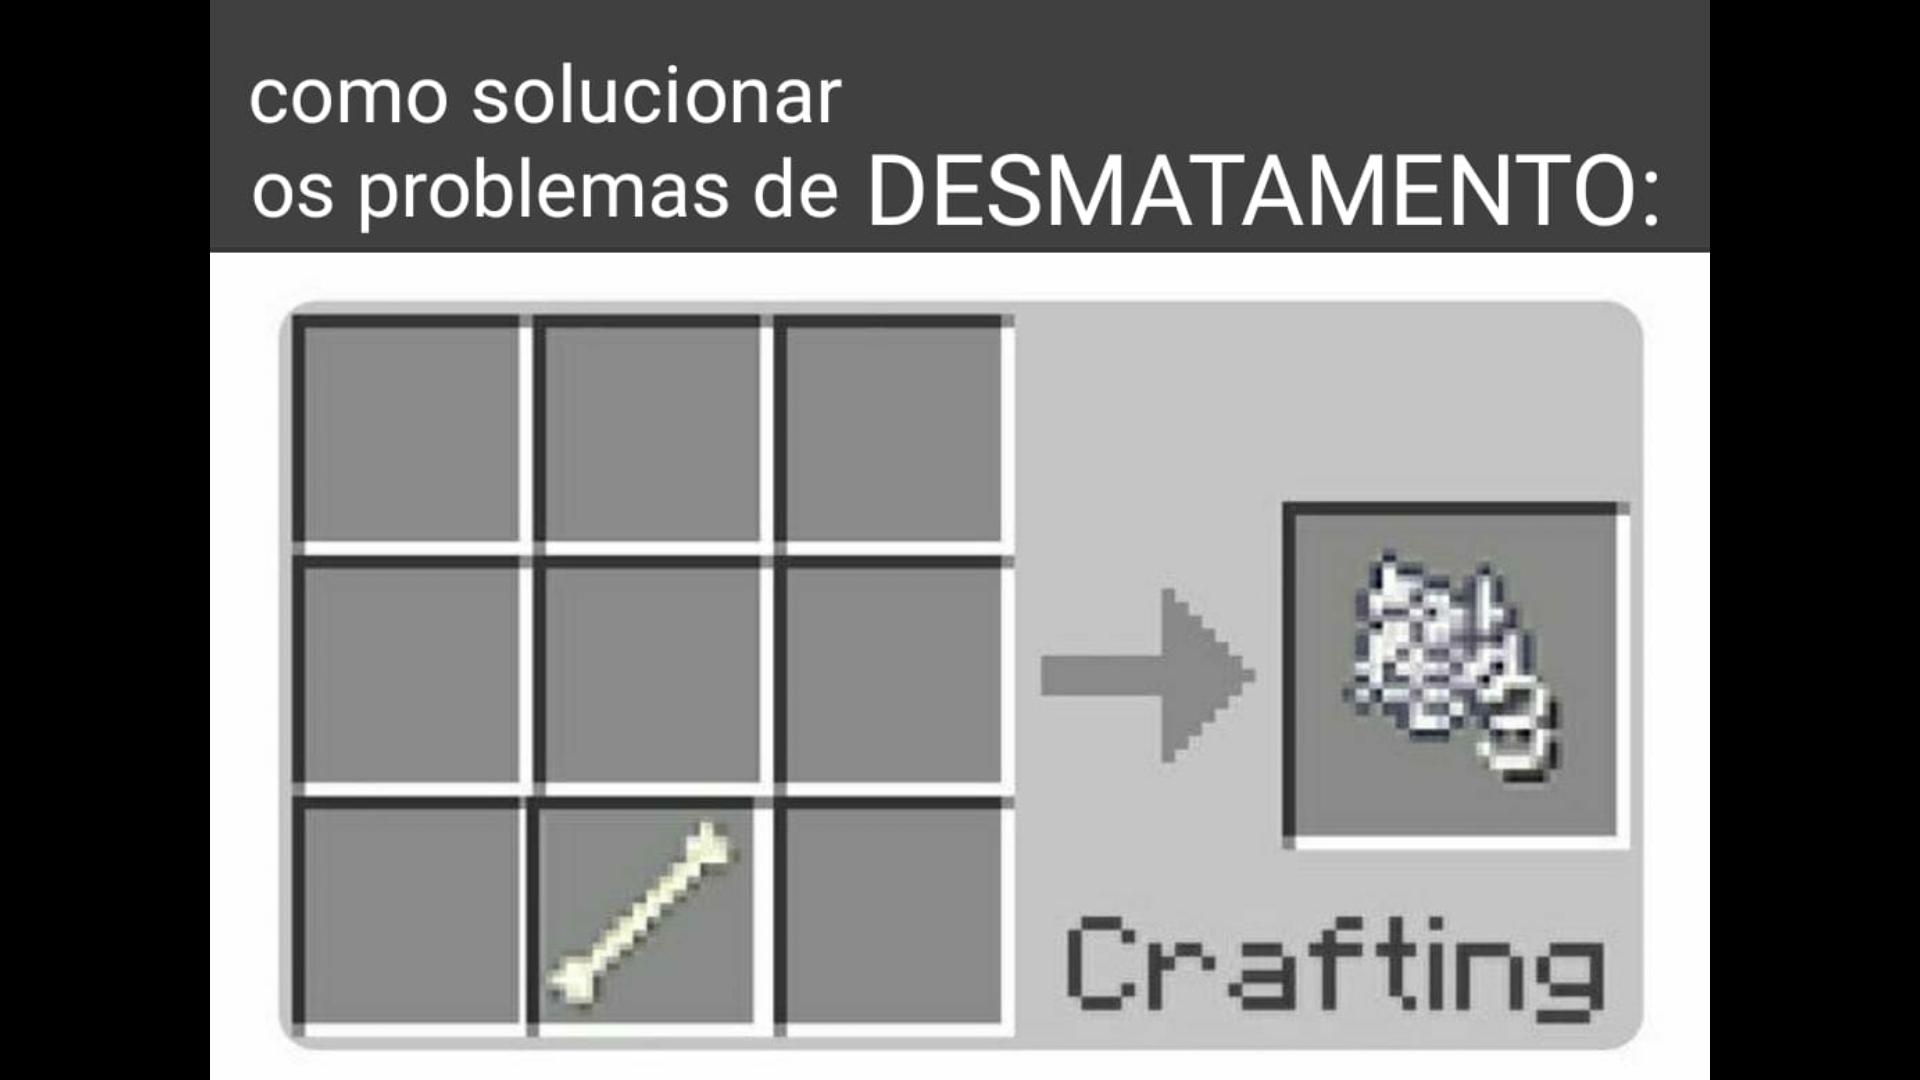 Eis uma solução - meme